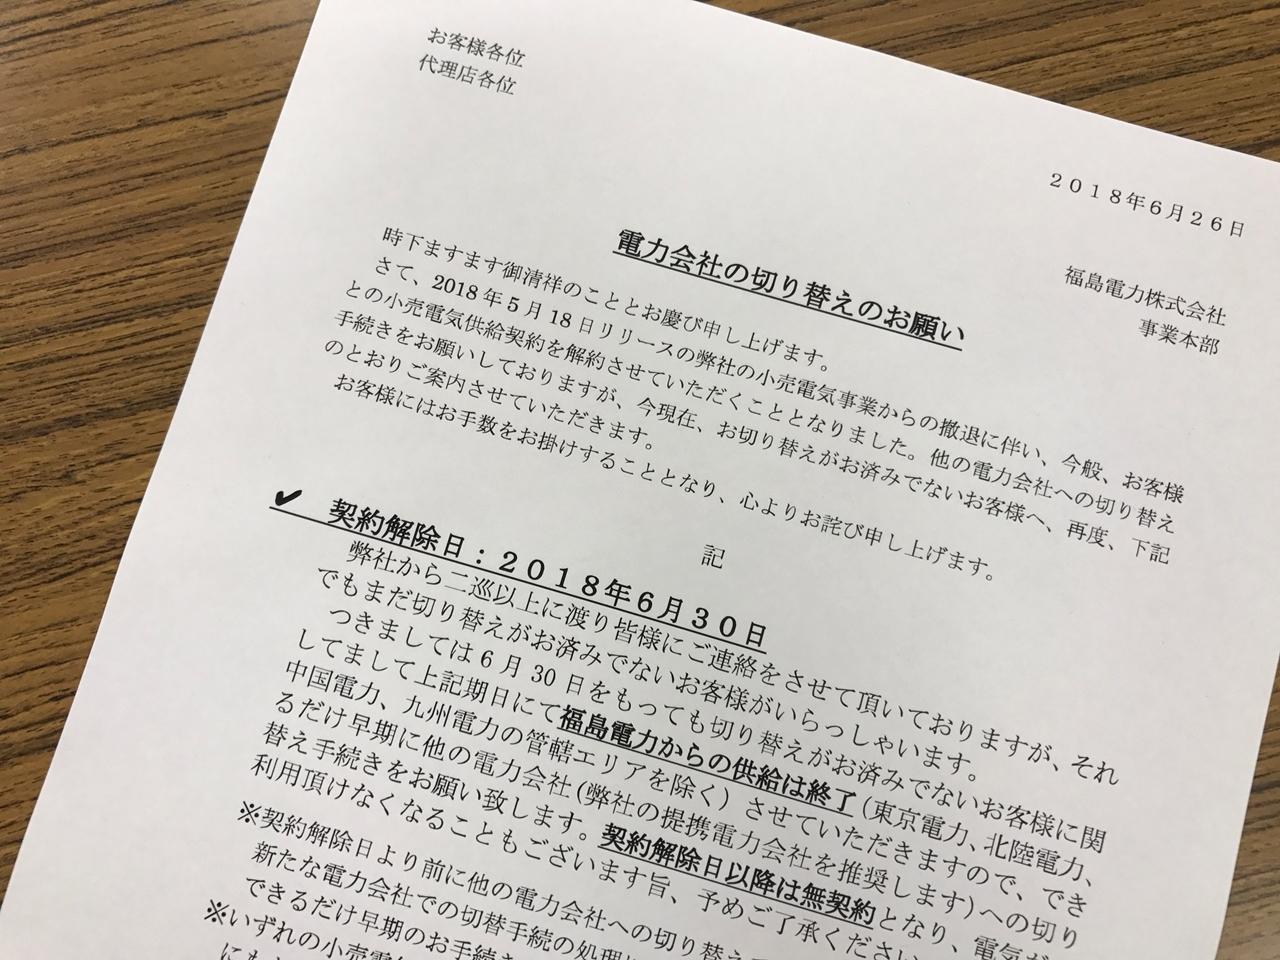 東京 電力 エナジー パートナー 解約